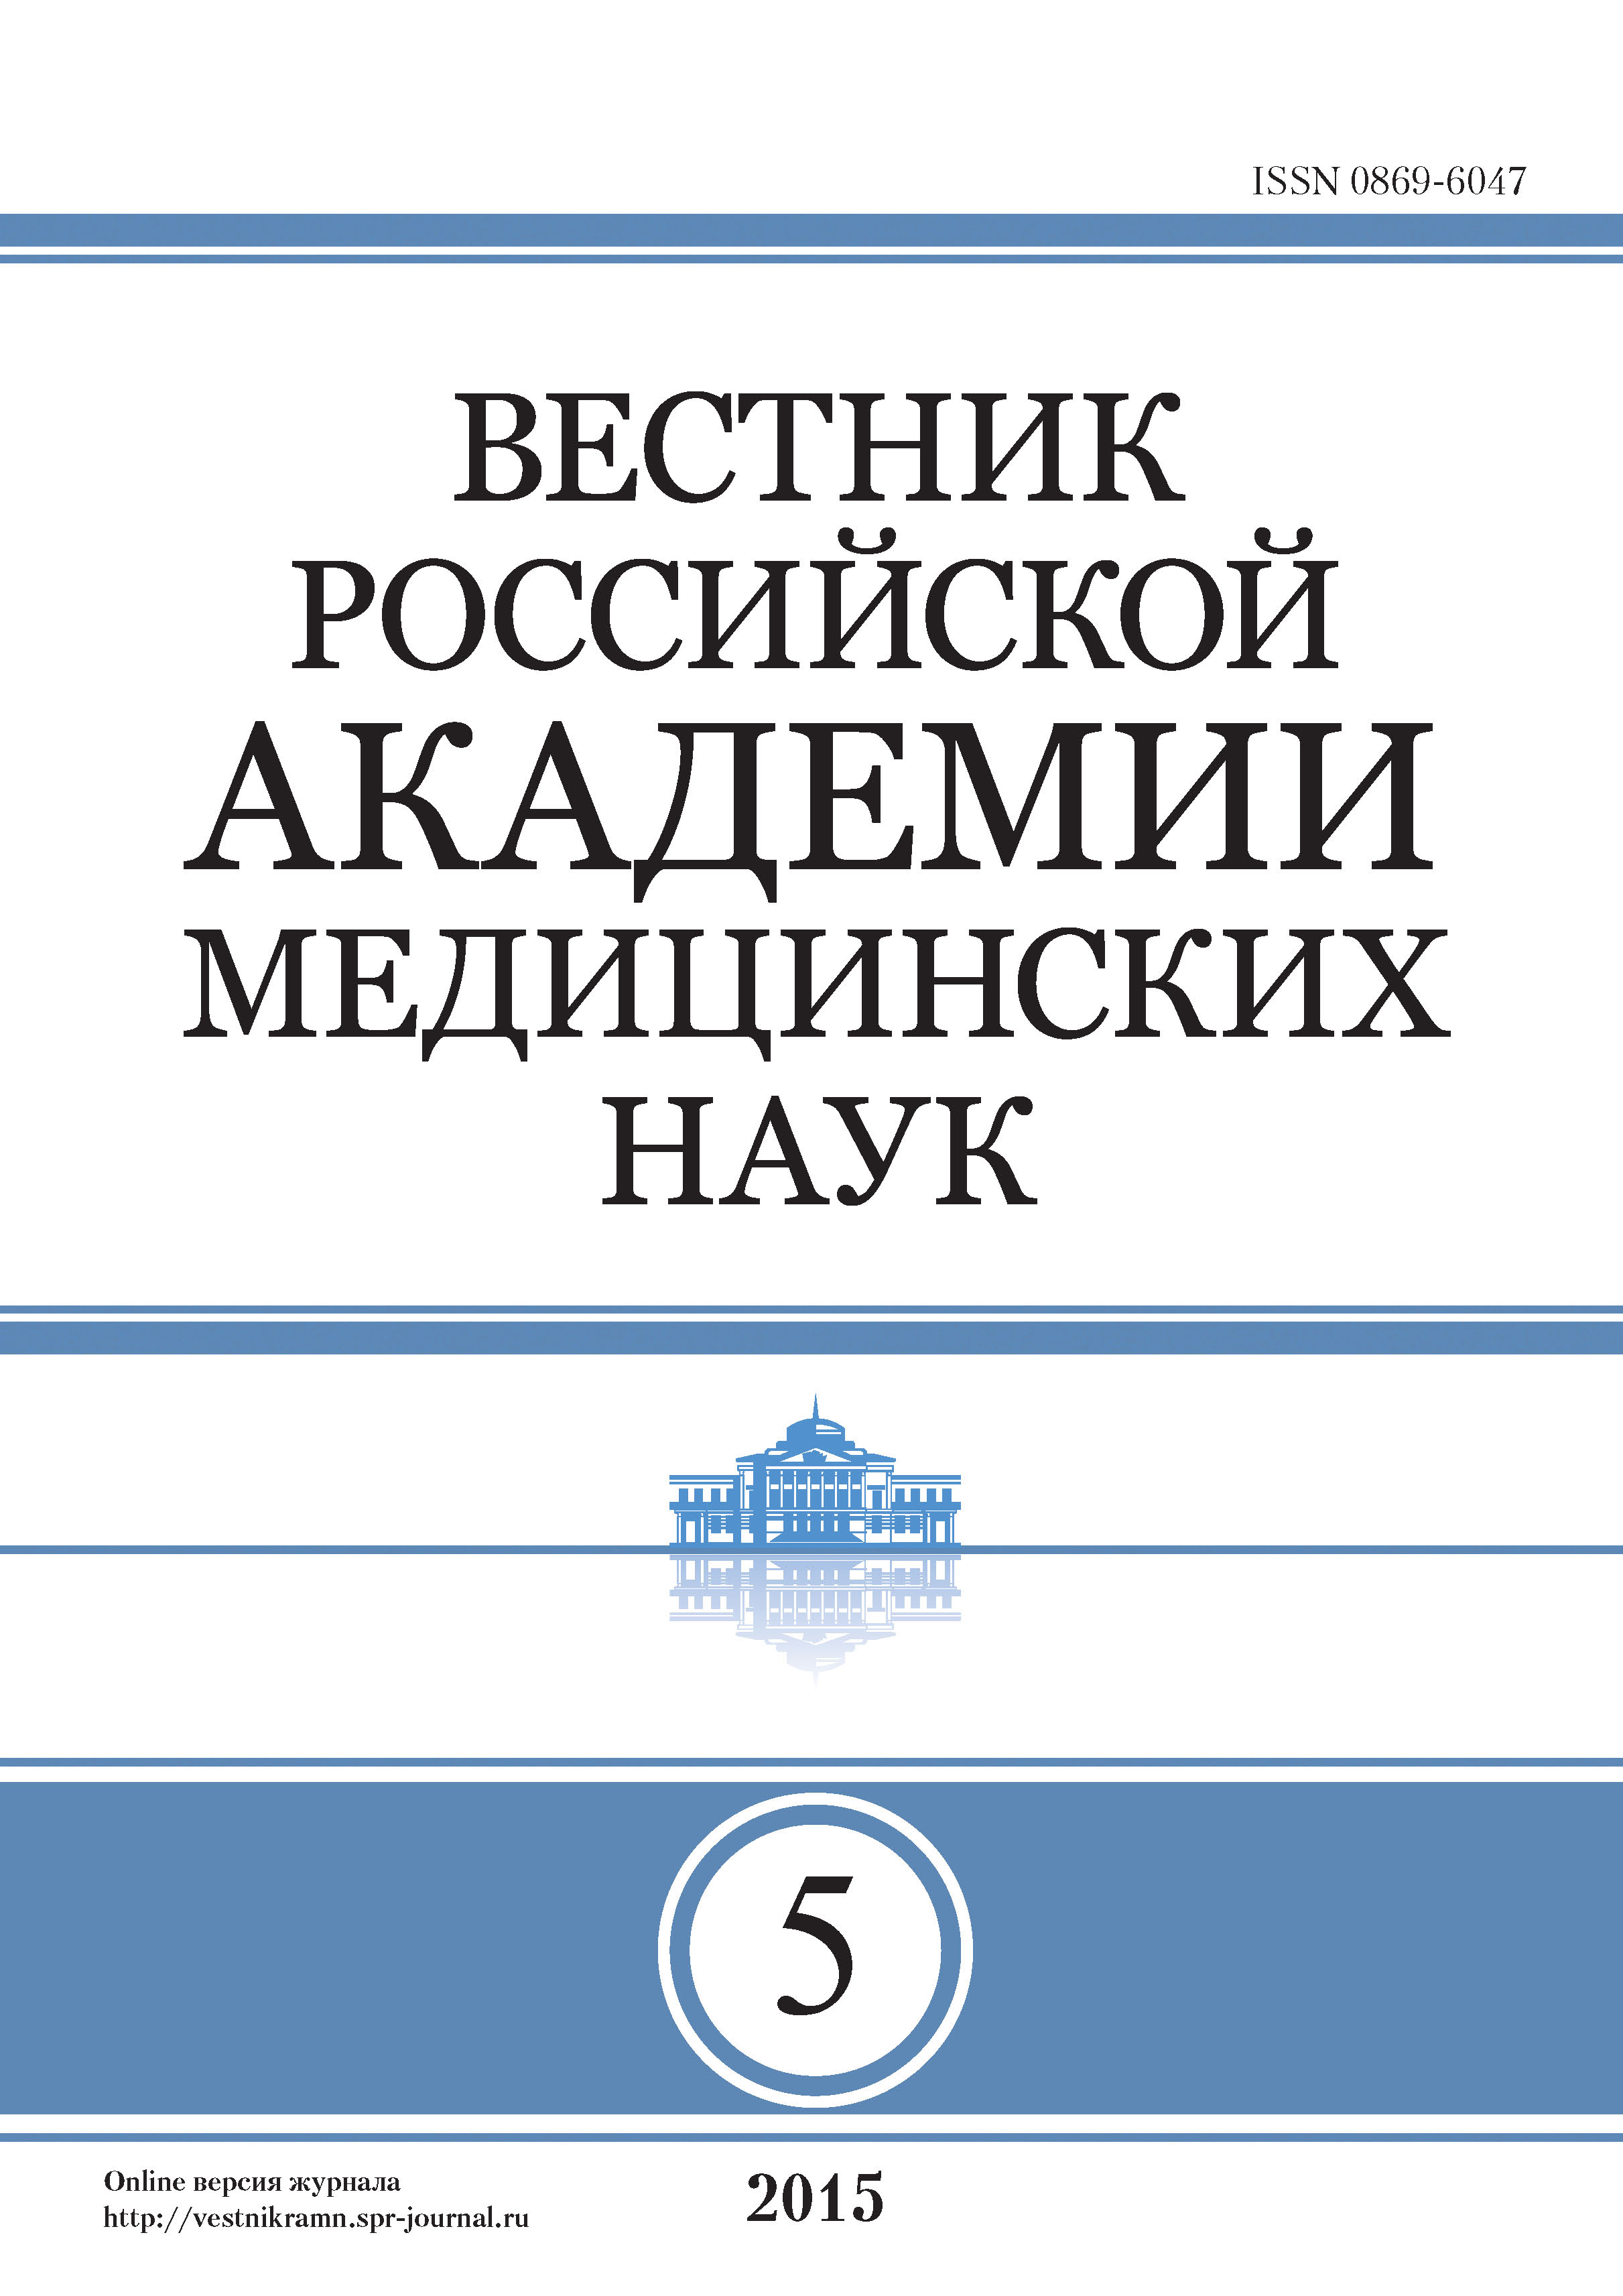 Отсутствует Вестник Российской академии медицинских наук №5/2015